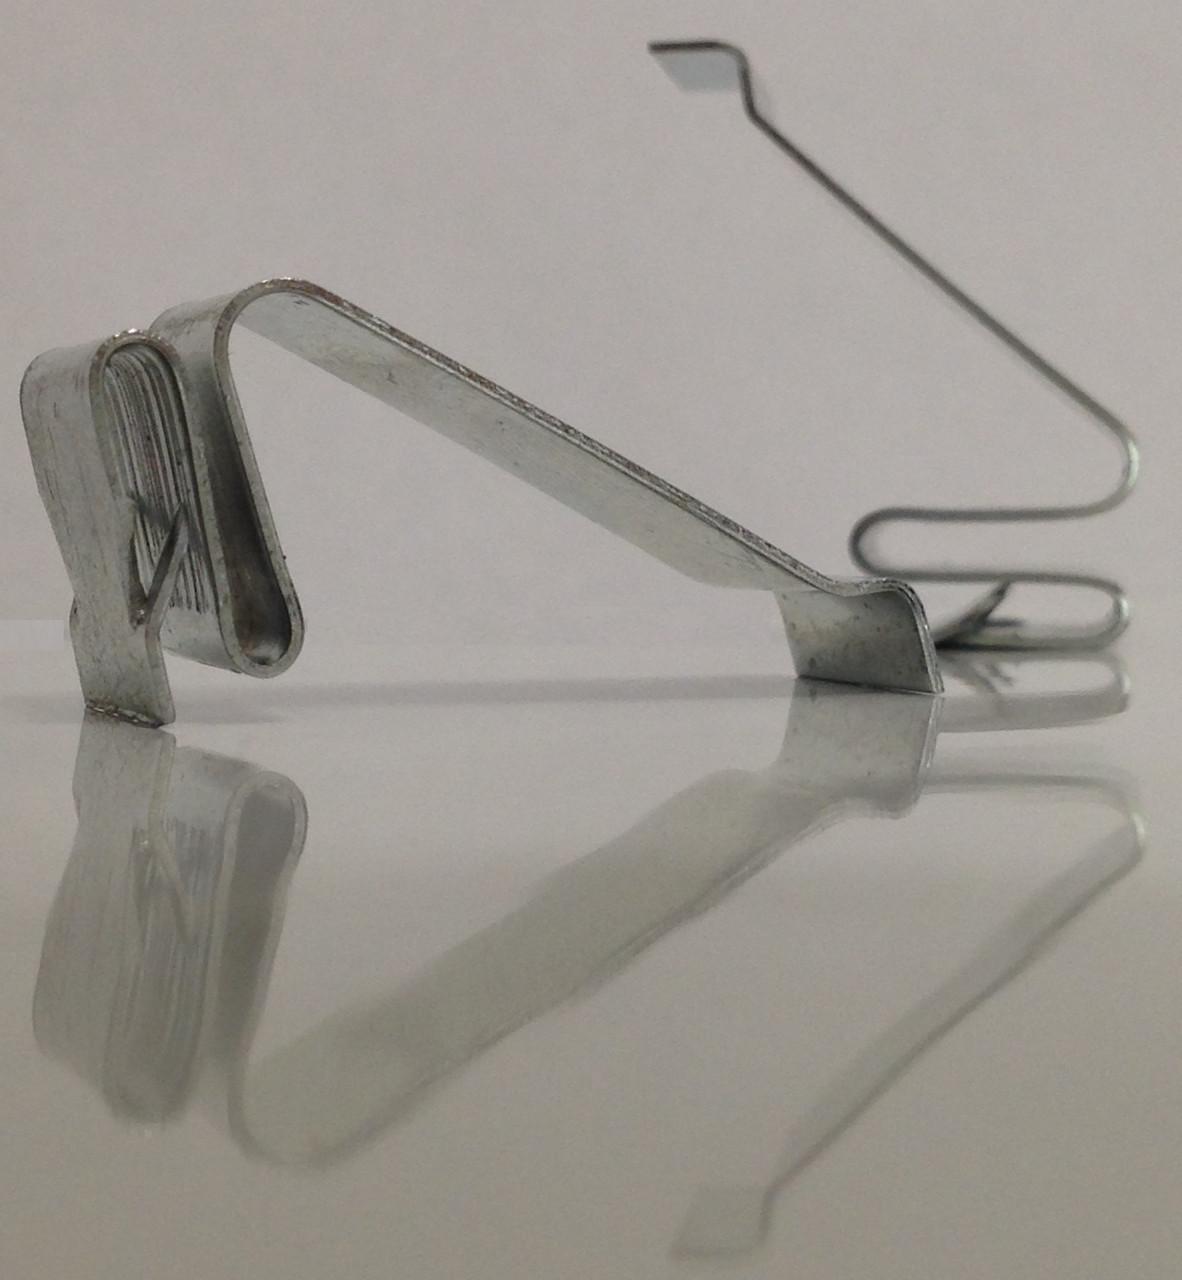 Пружинная защелка 25 оцинк. (Распорные крепления для вент. решеток) (HR)